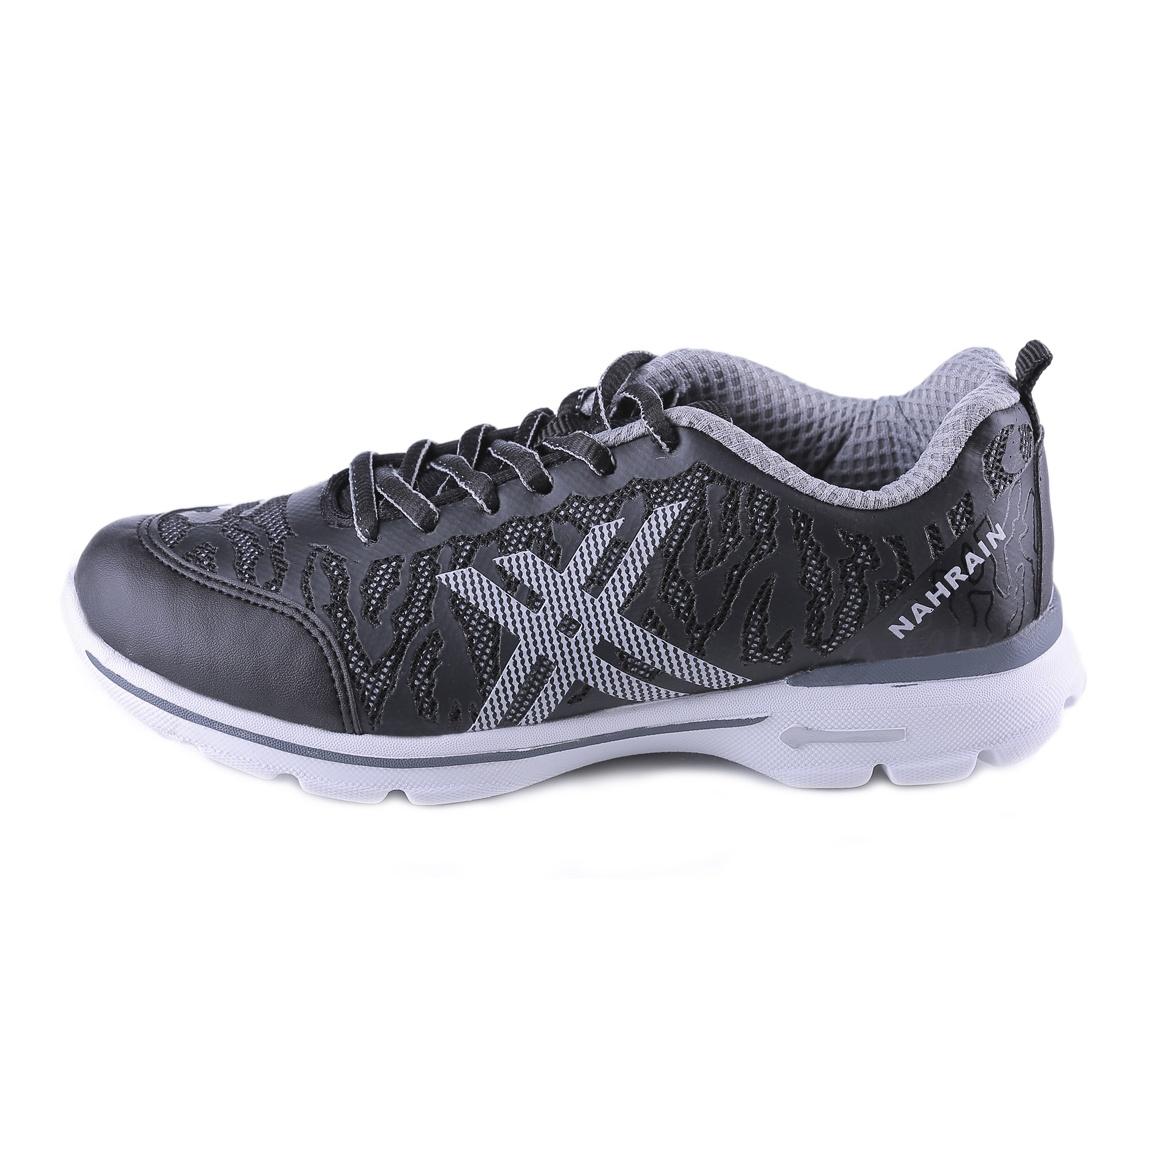 کفش ورزشی زنانه نهرین مدل 2 ایکس 4